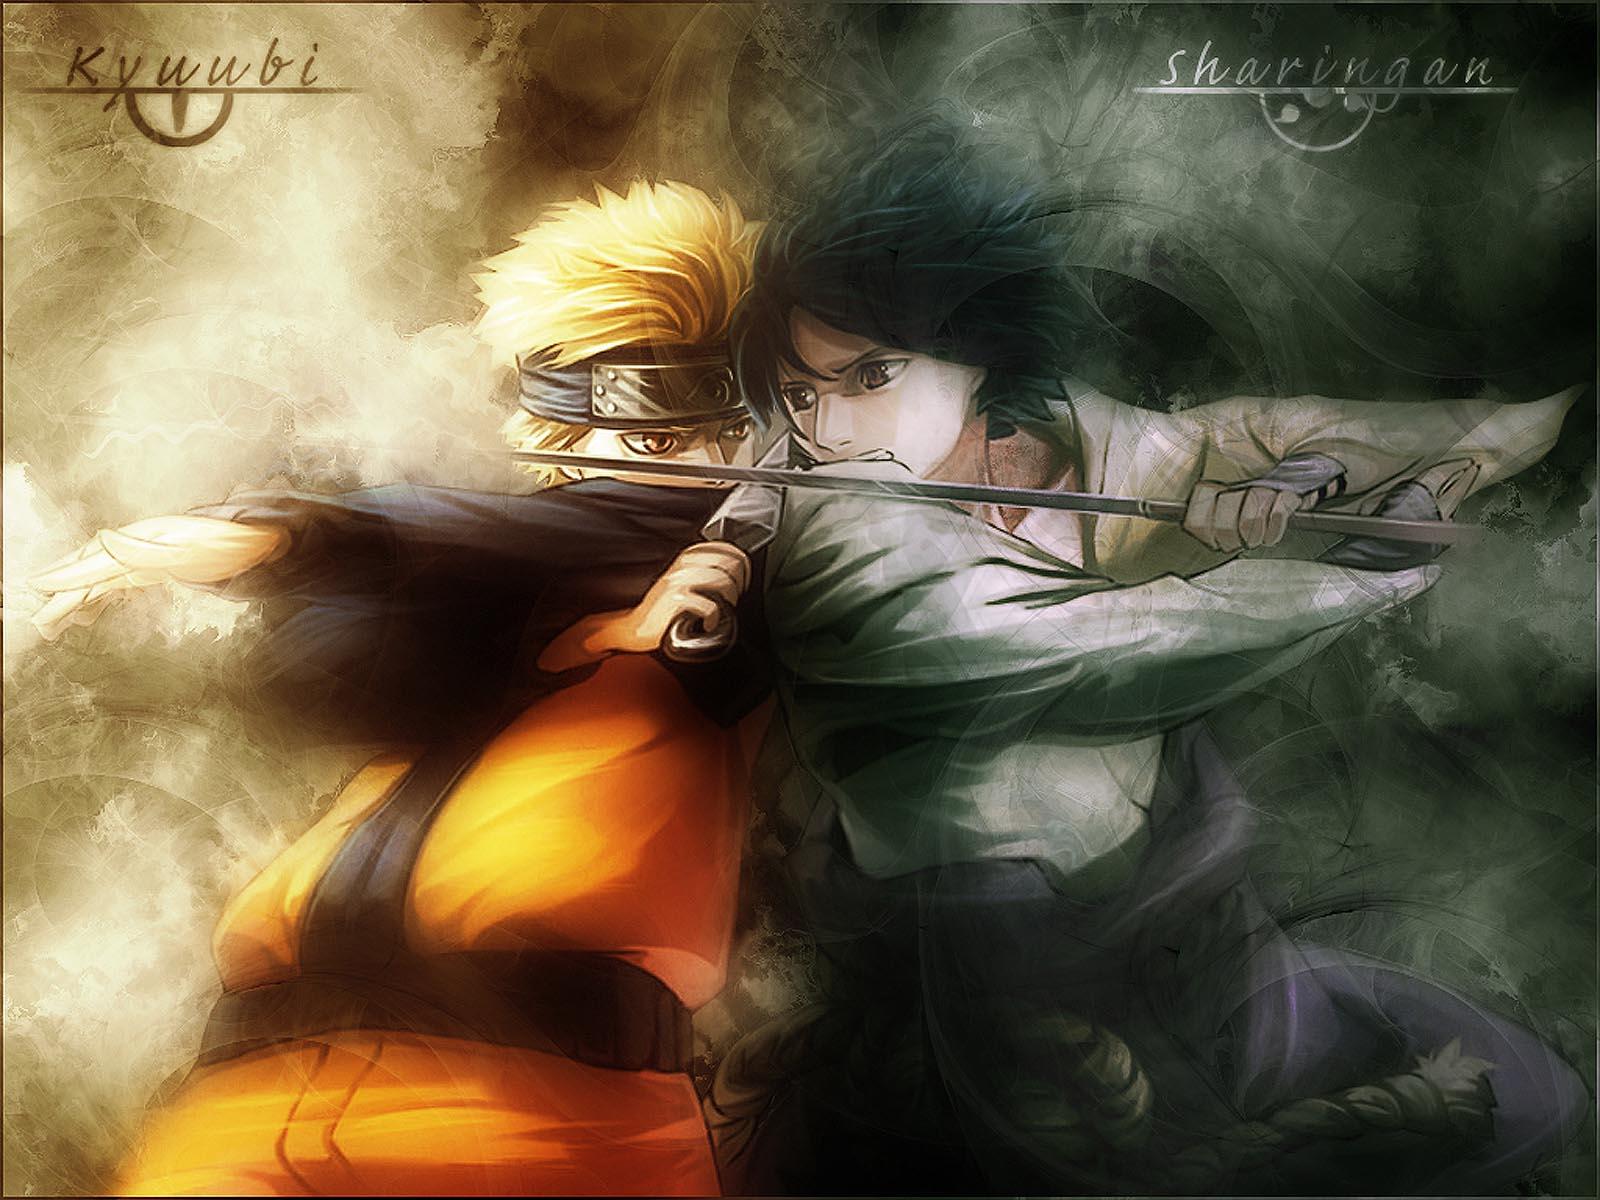 Naruto Nine Tails Wallpaper Hd Uzumaki Naruto Shippuuden Images Naruto And Sauke Hd